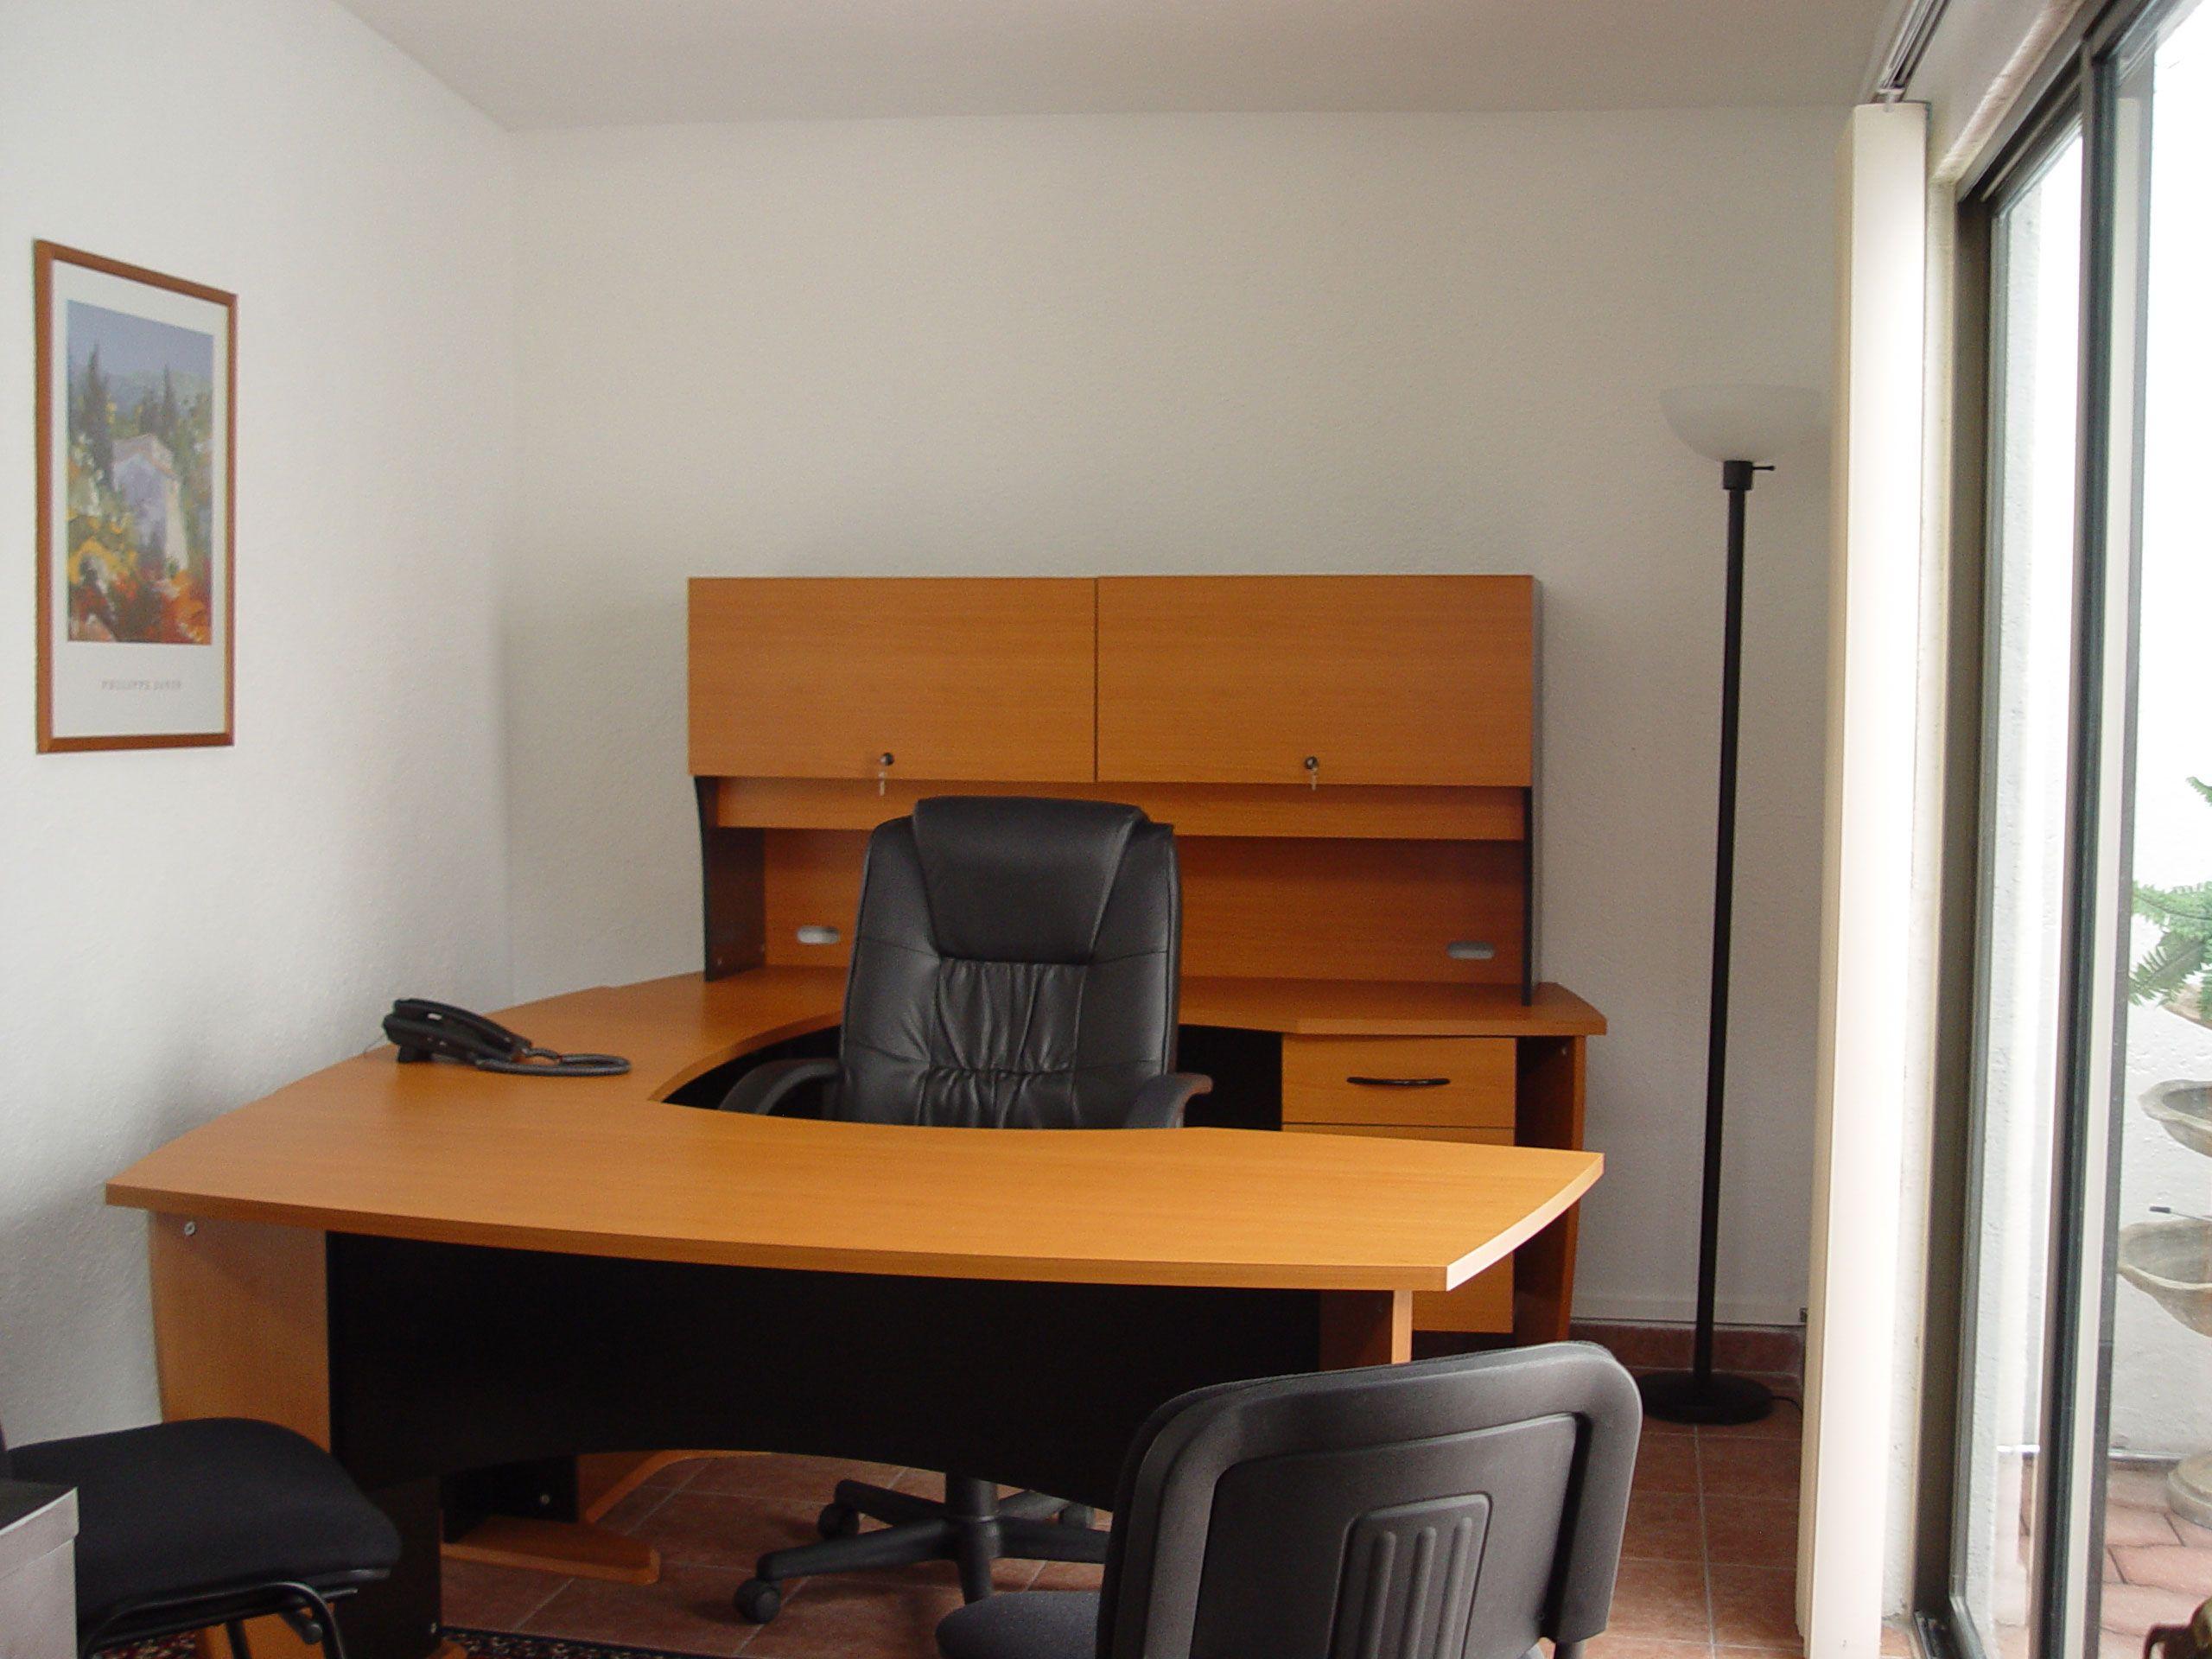 Muebles Toscano Cordoba - Oficinas Amuebladas Oficinas Virtuales Pinterest Oficinas [mjhdah]https://s-media-cache-ak0.pinimg.com/originals/e2/bf/de/e2bfde9a3153ae9652d7f3ab7647f50e.jpg